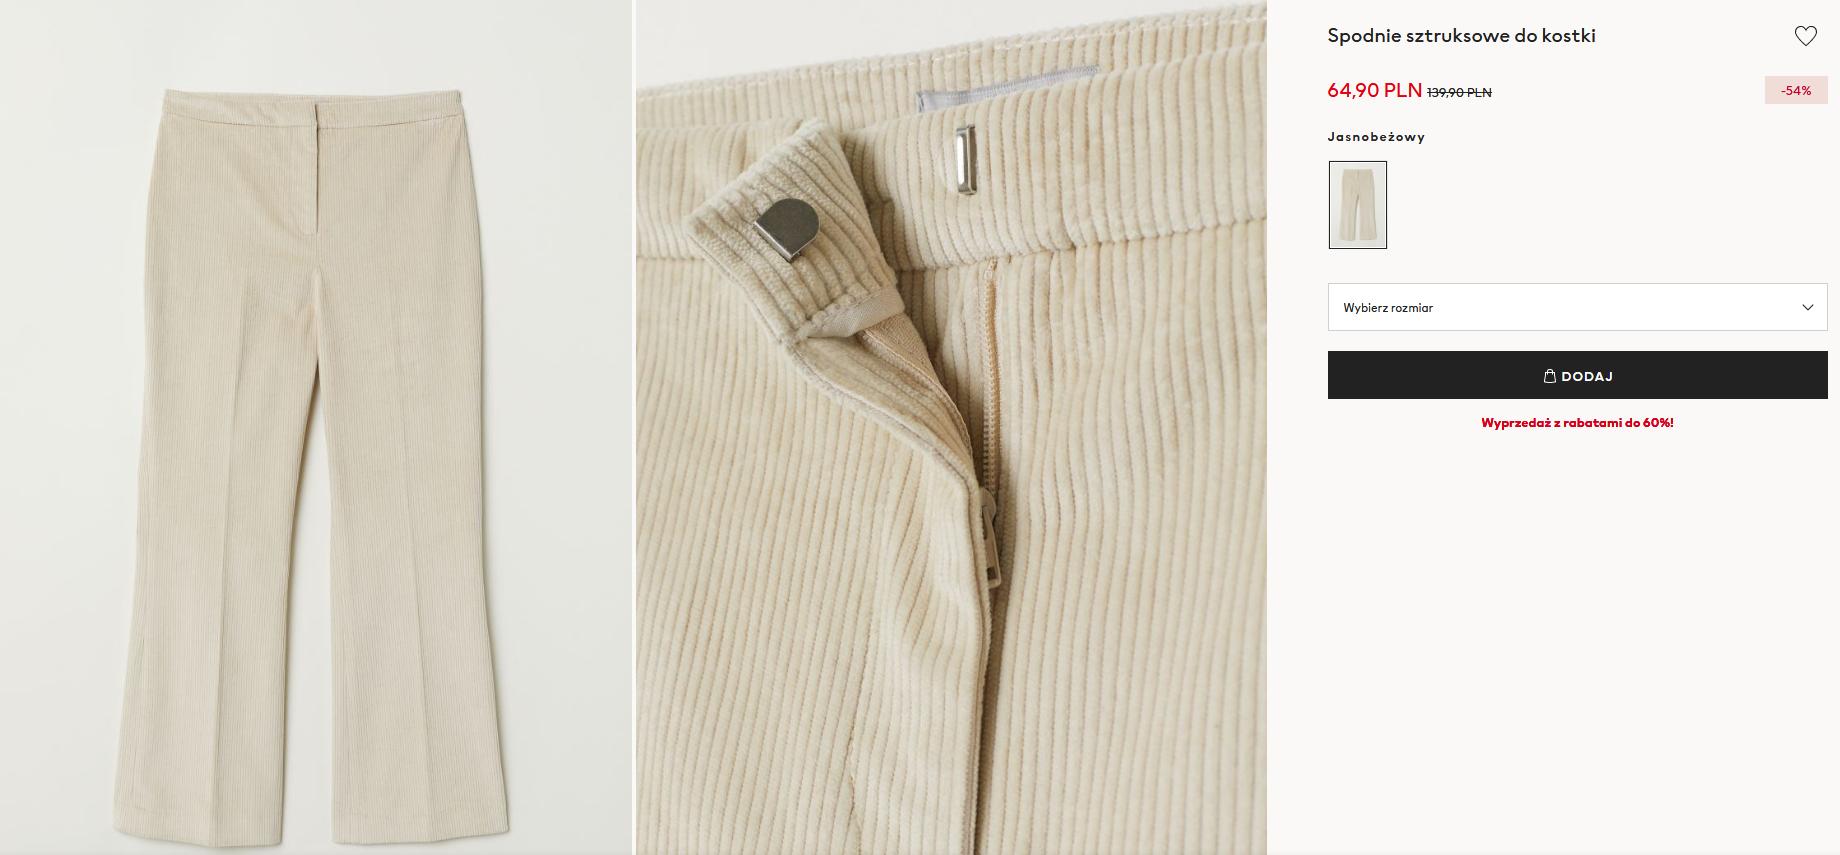 Screenshot_2021-01-05 Spodnie sztruksowe do kostki - Jasnobeżowy - ONA H M PL